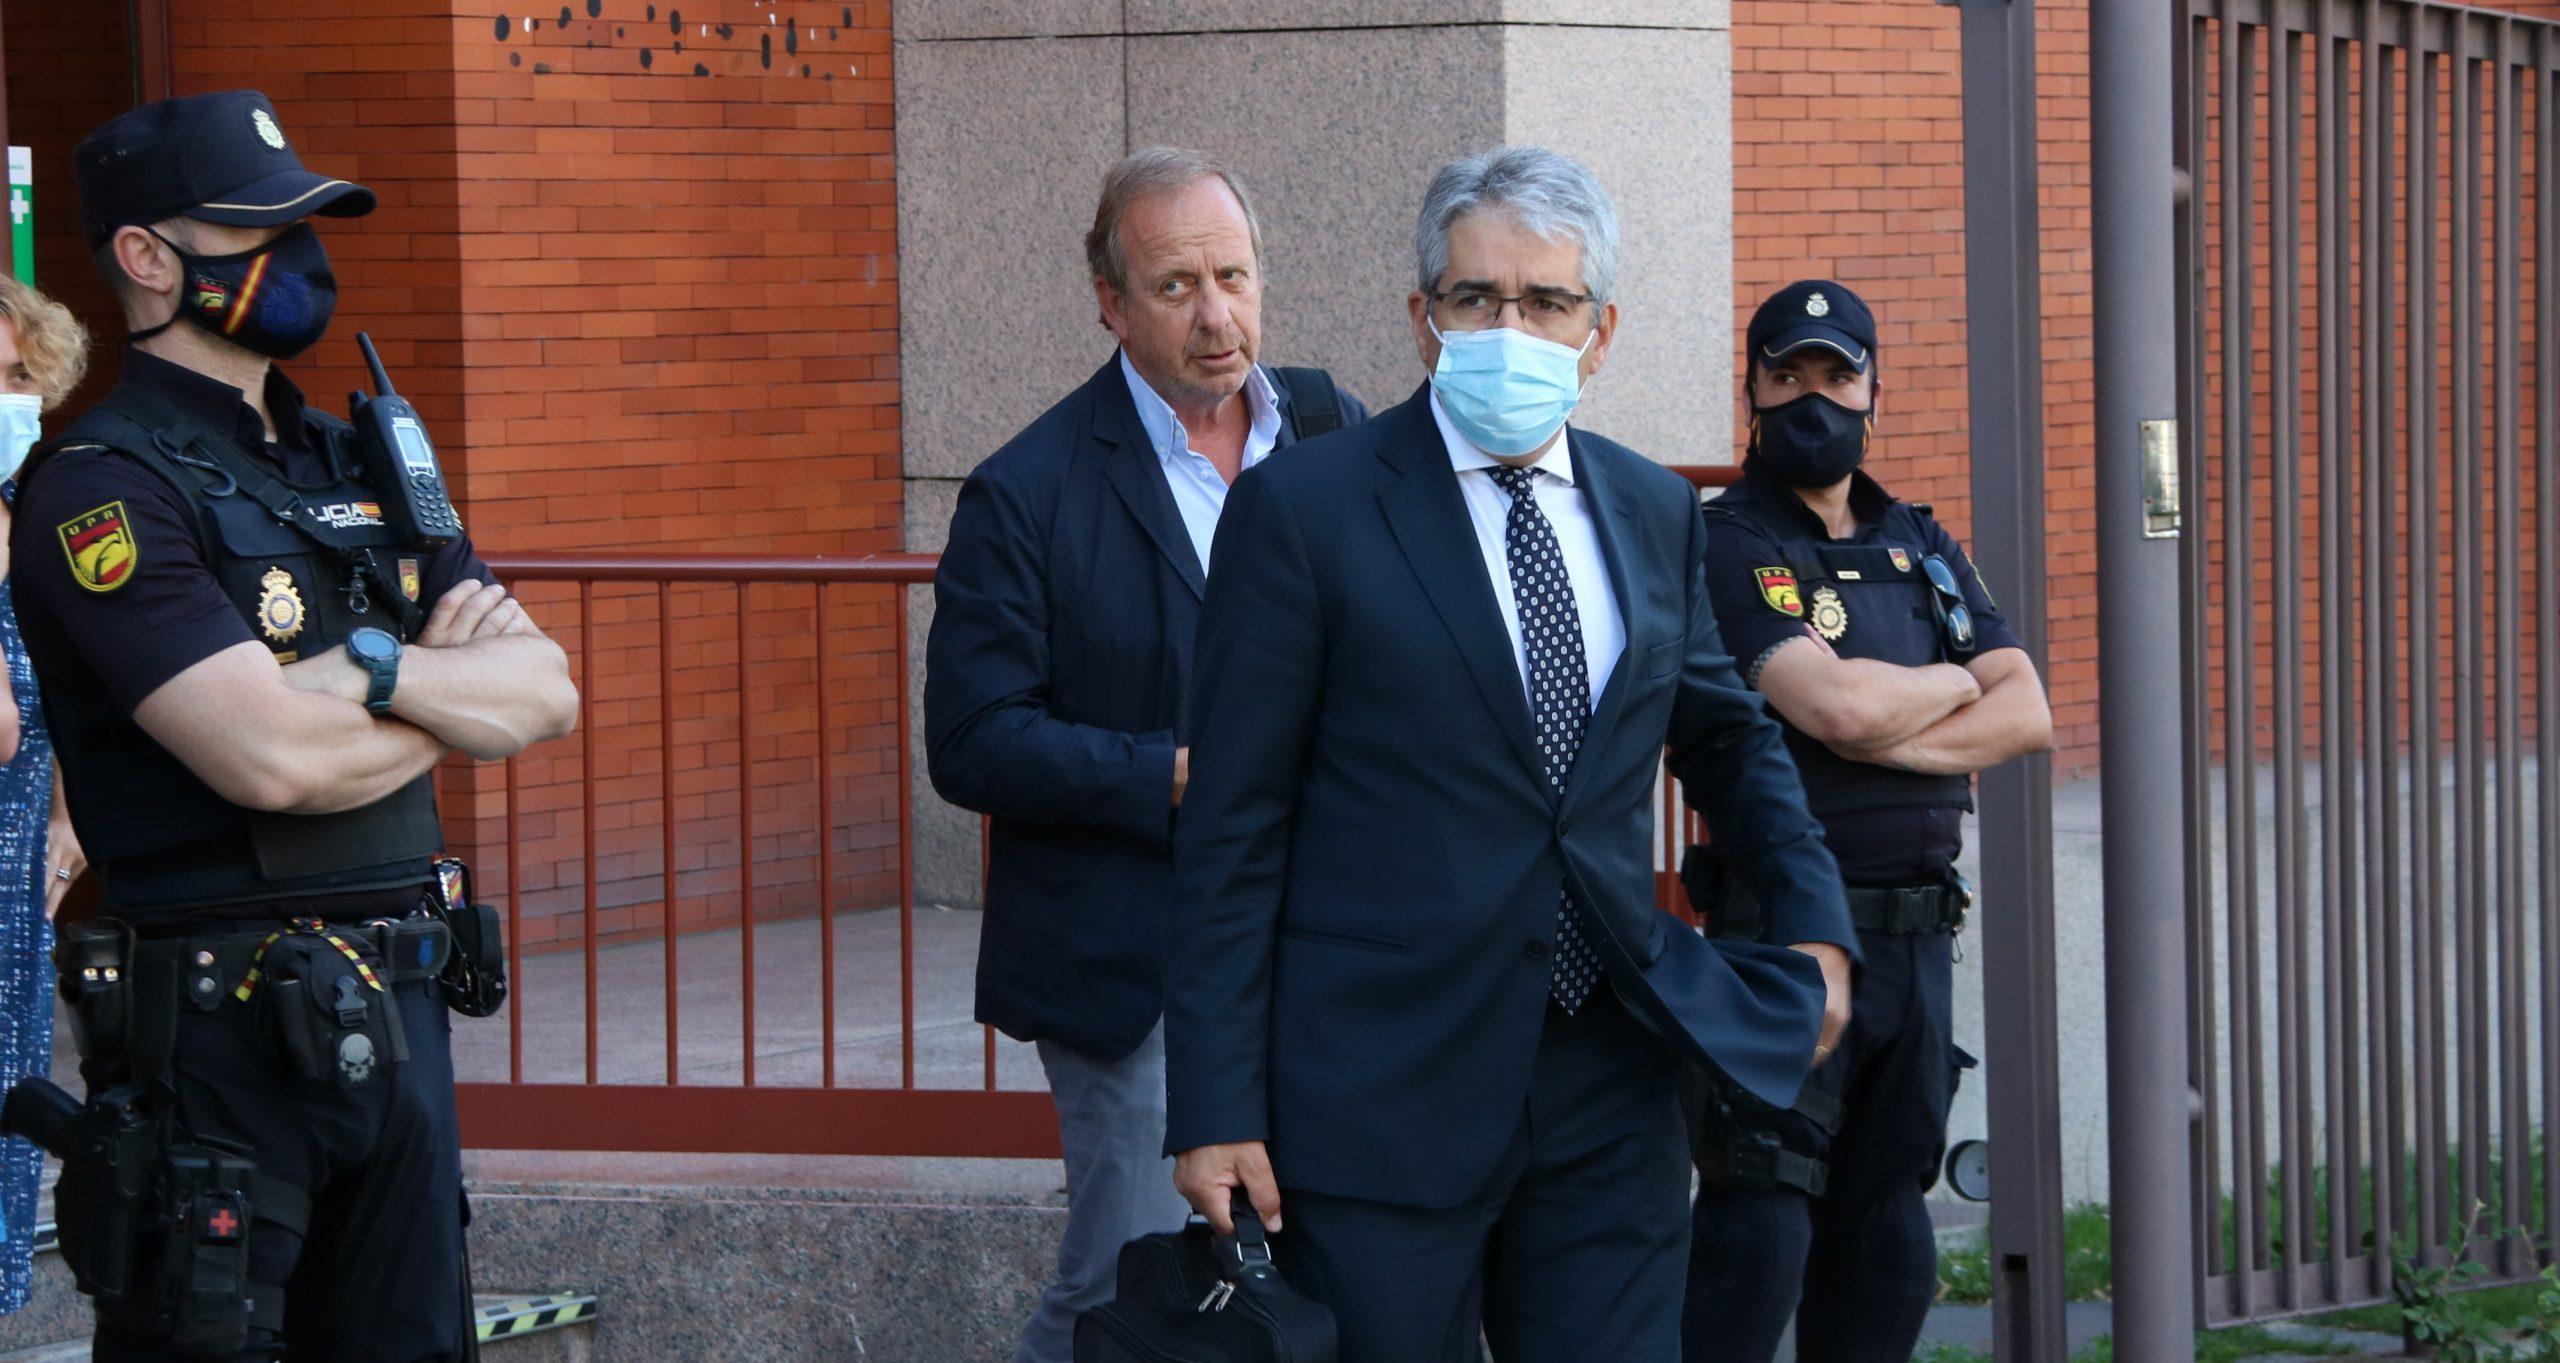 L'exconseller i advocat Francesc Homs a la sortida del Tribunal de Comptes, el 29 de juny de 2021 / ACN